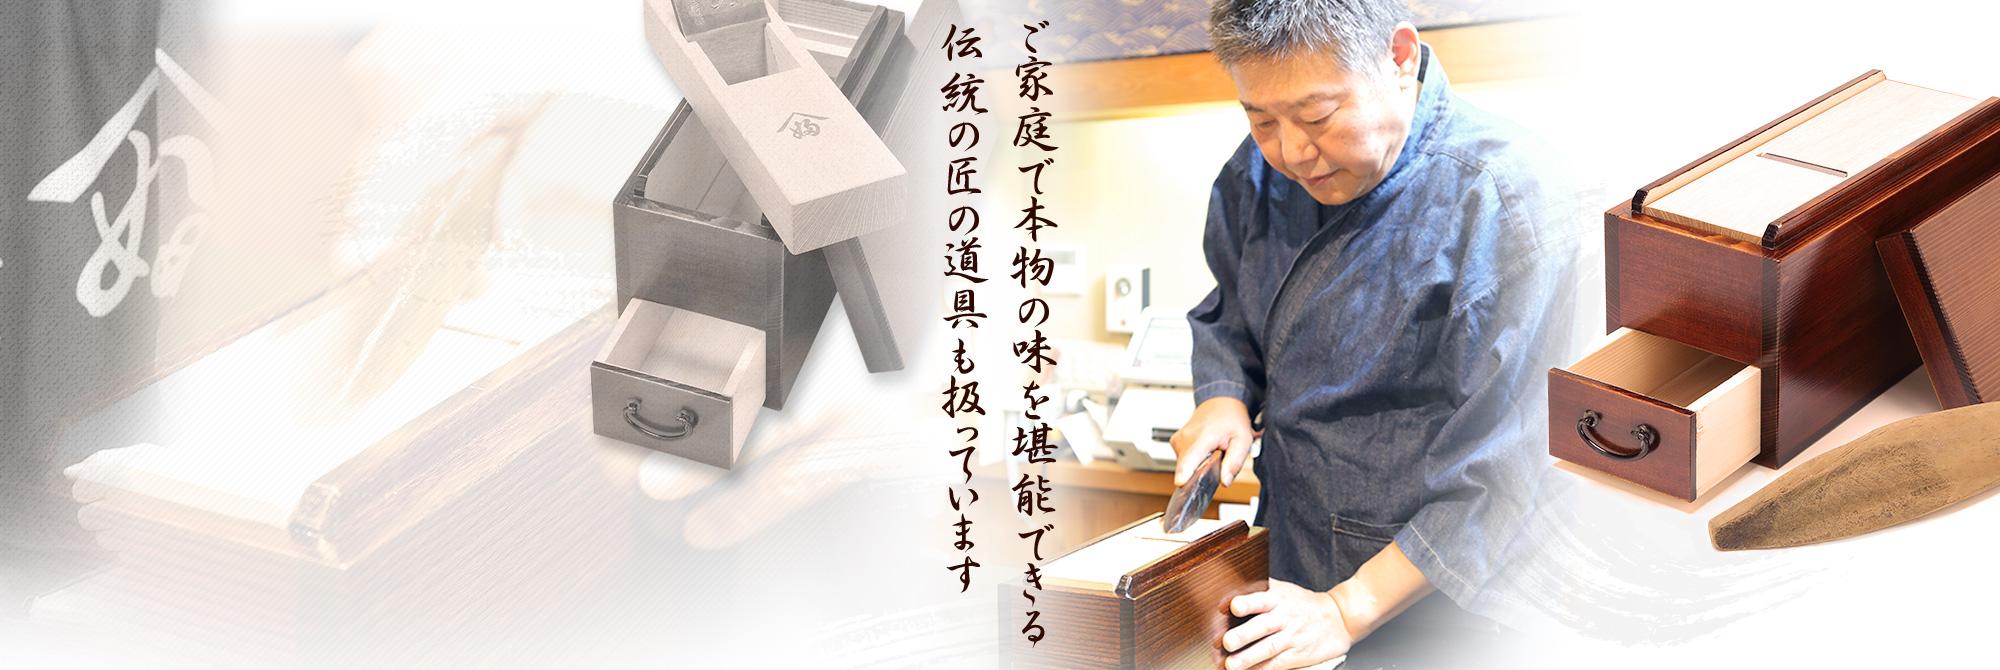 ご家庭で本物の味を堪能できる伝統の匠の道具も扱っています